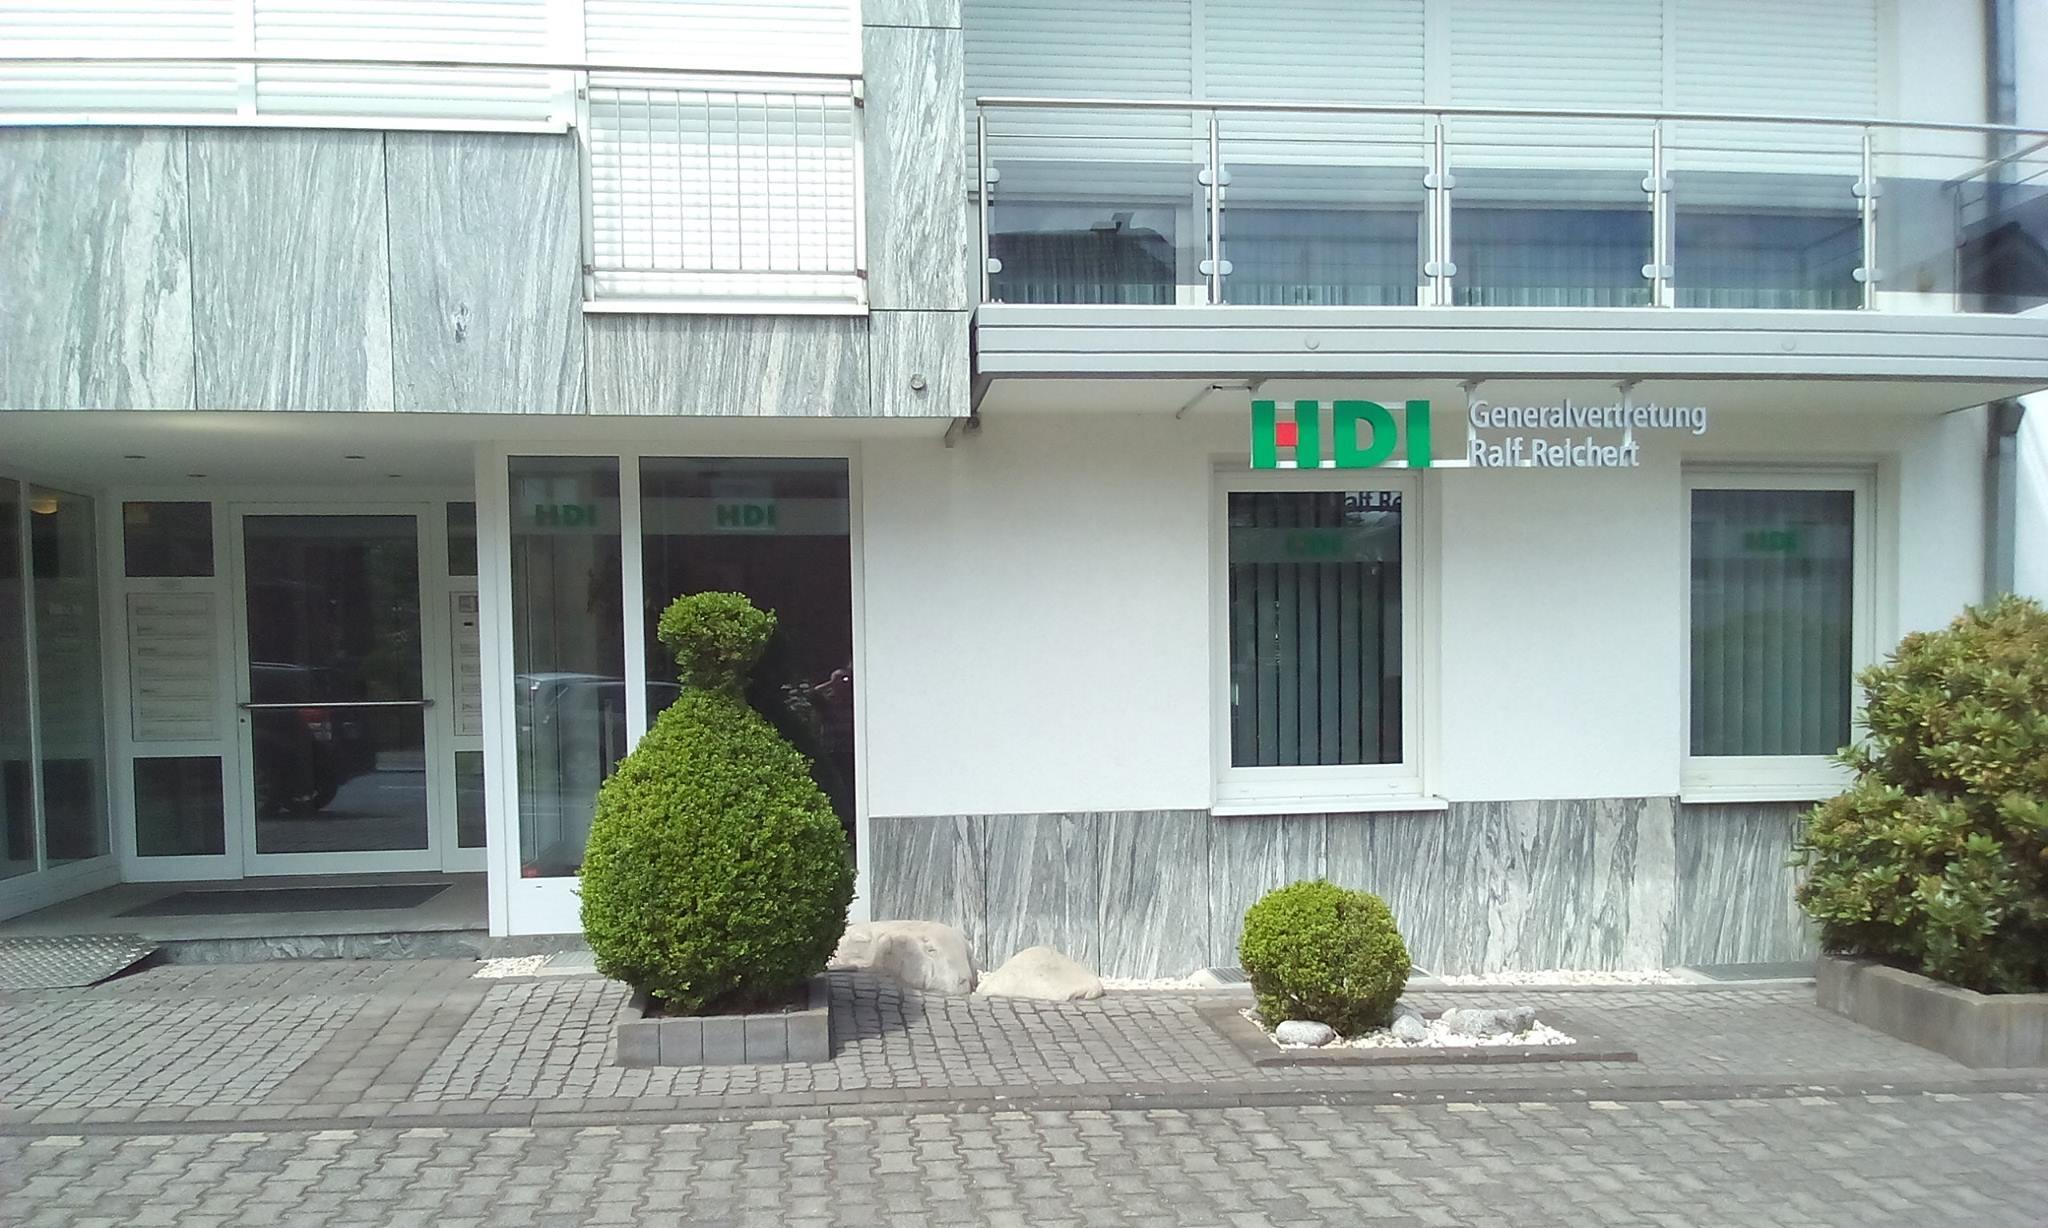 HDI Versicherungen: Ralf Reichert